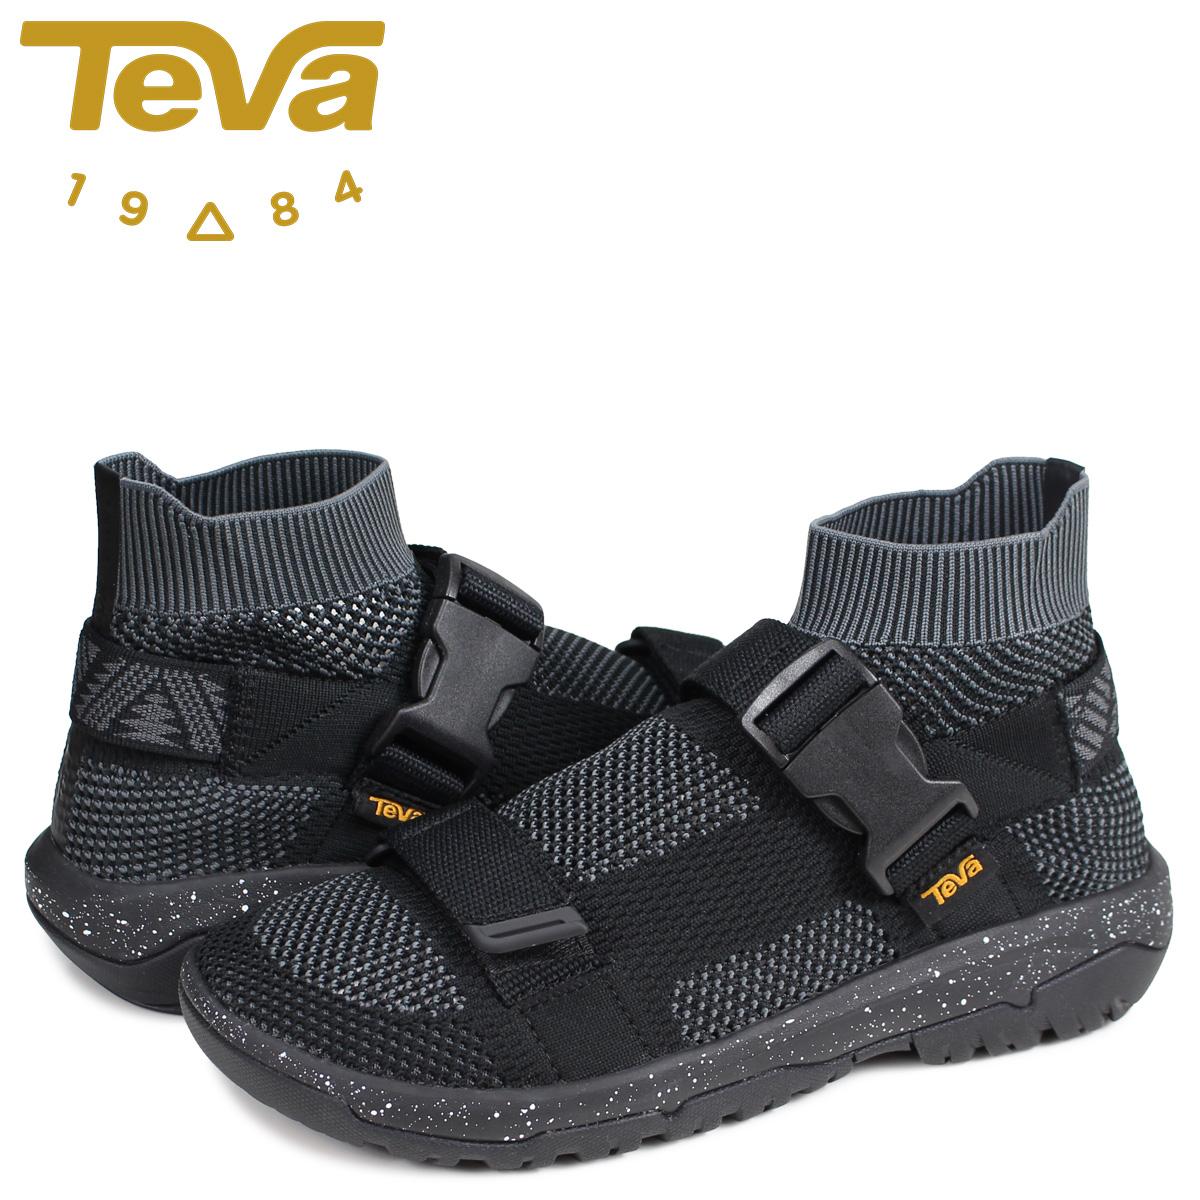 【お買い物マラソンSALE】 Teva テバ サンダル ハリケーン ソック メンズ HURRICANE SOCK ブラック 黒 1100269